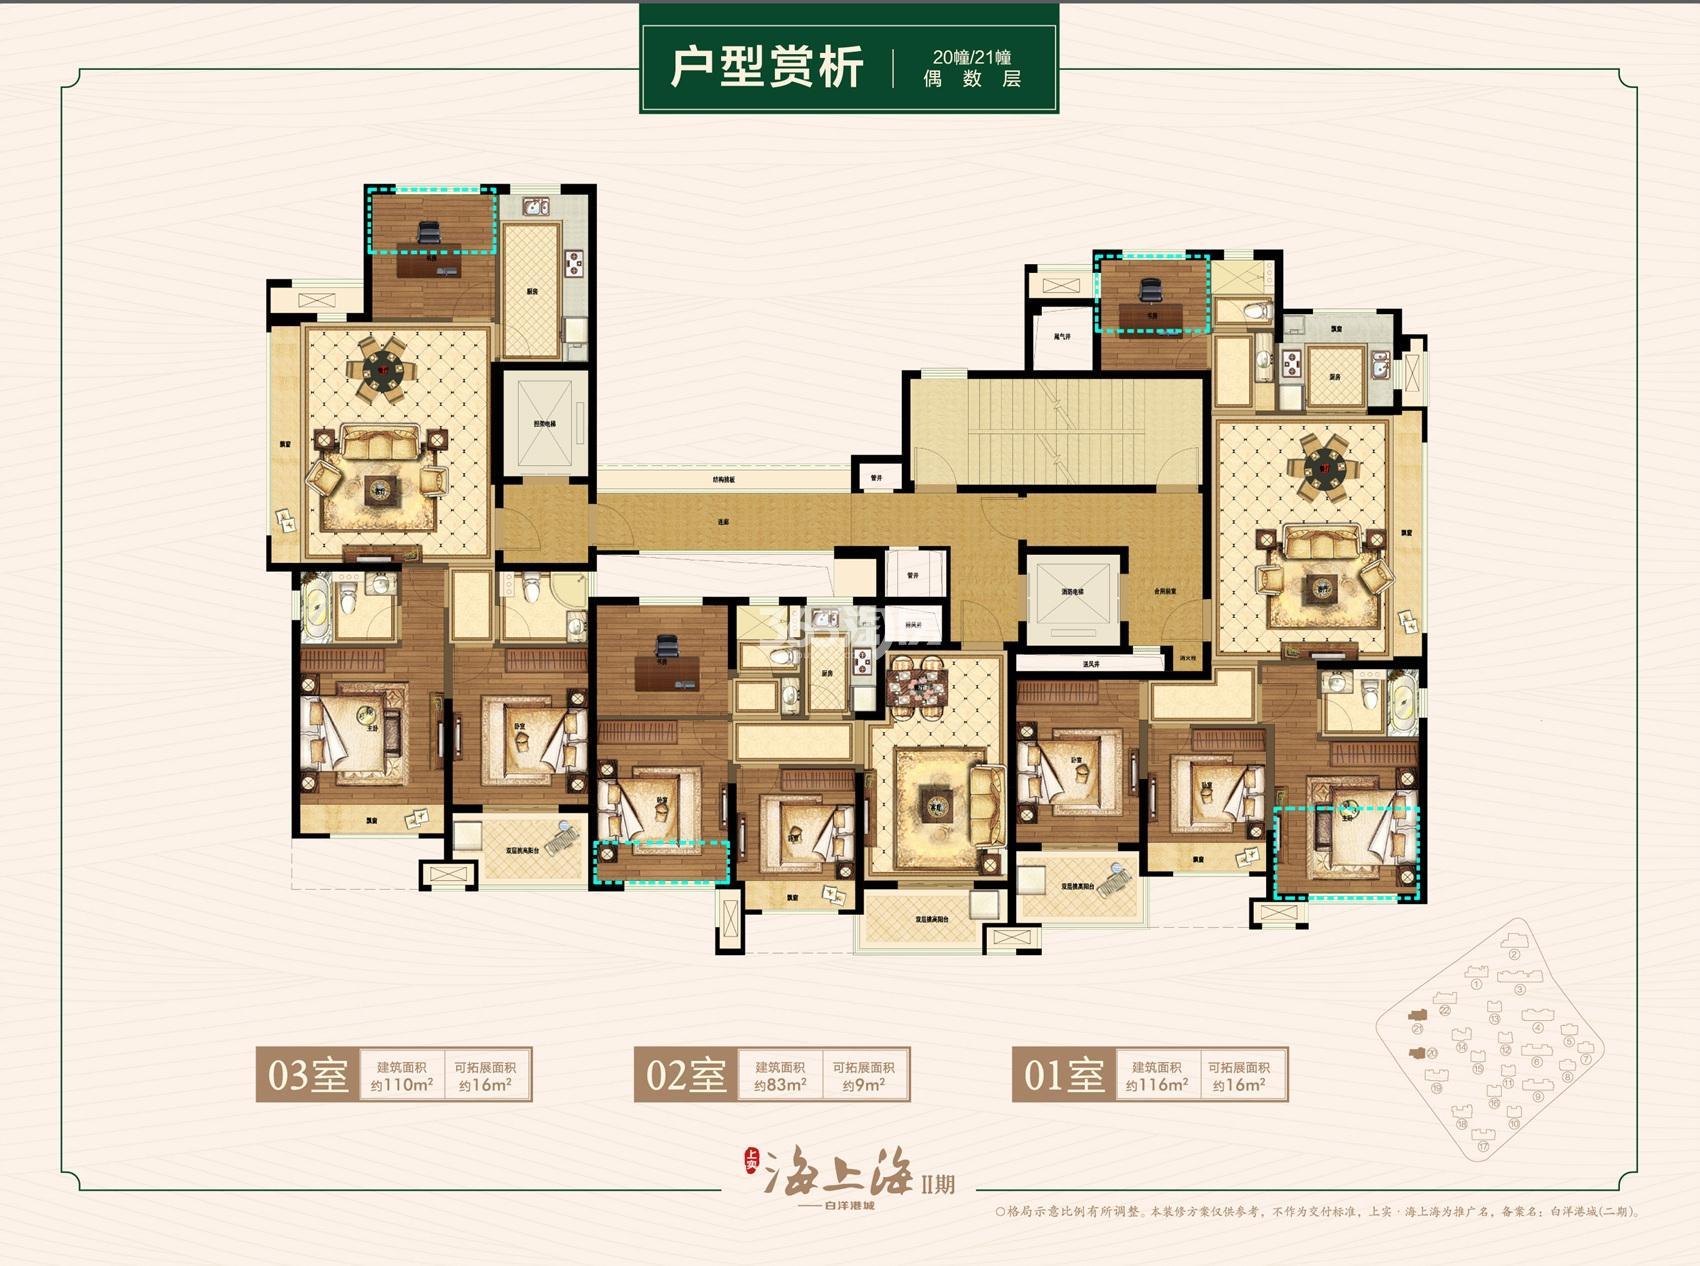 上实海上海二期20、21号楼偶数层户型 110+83+116㎡